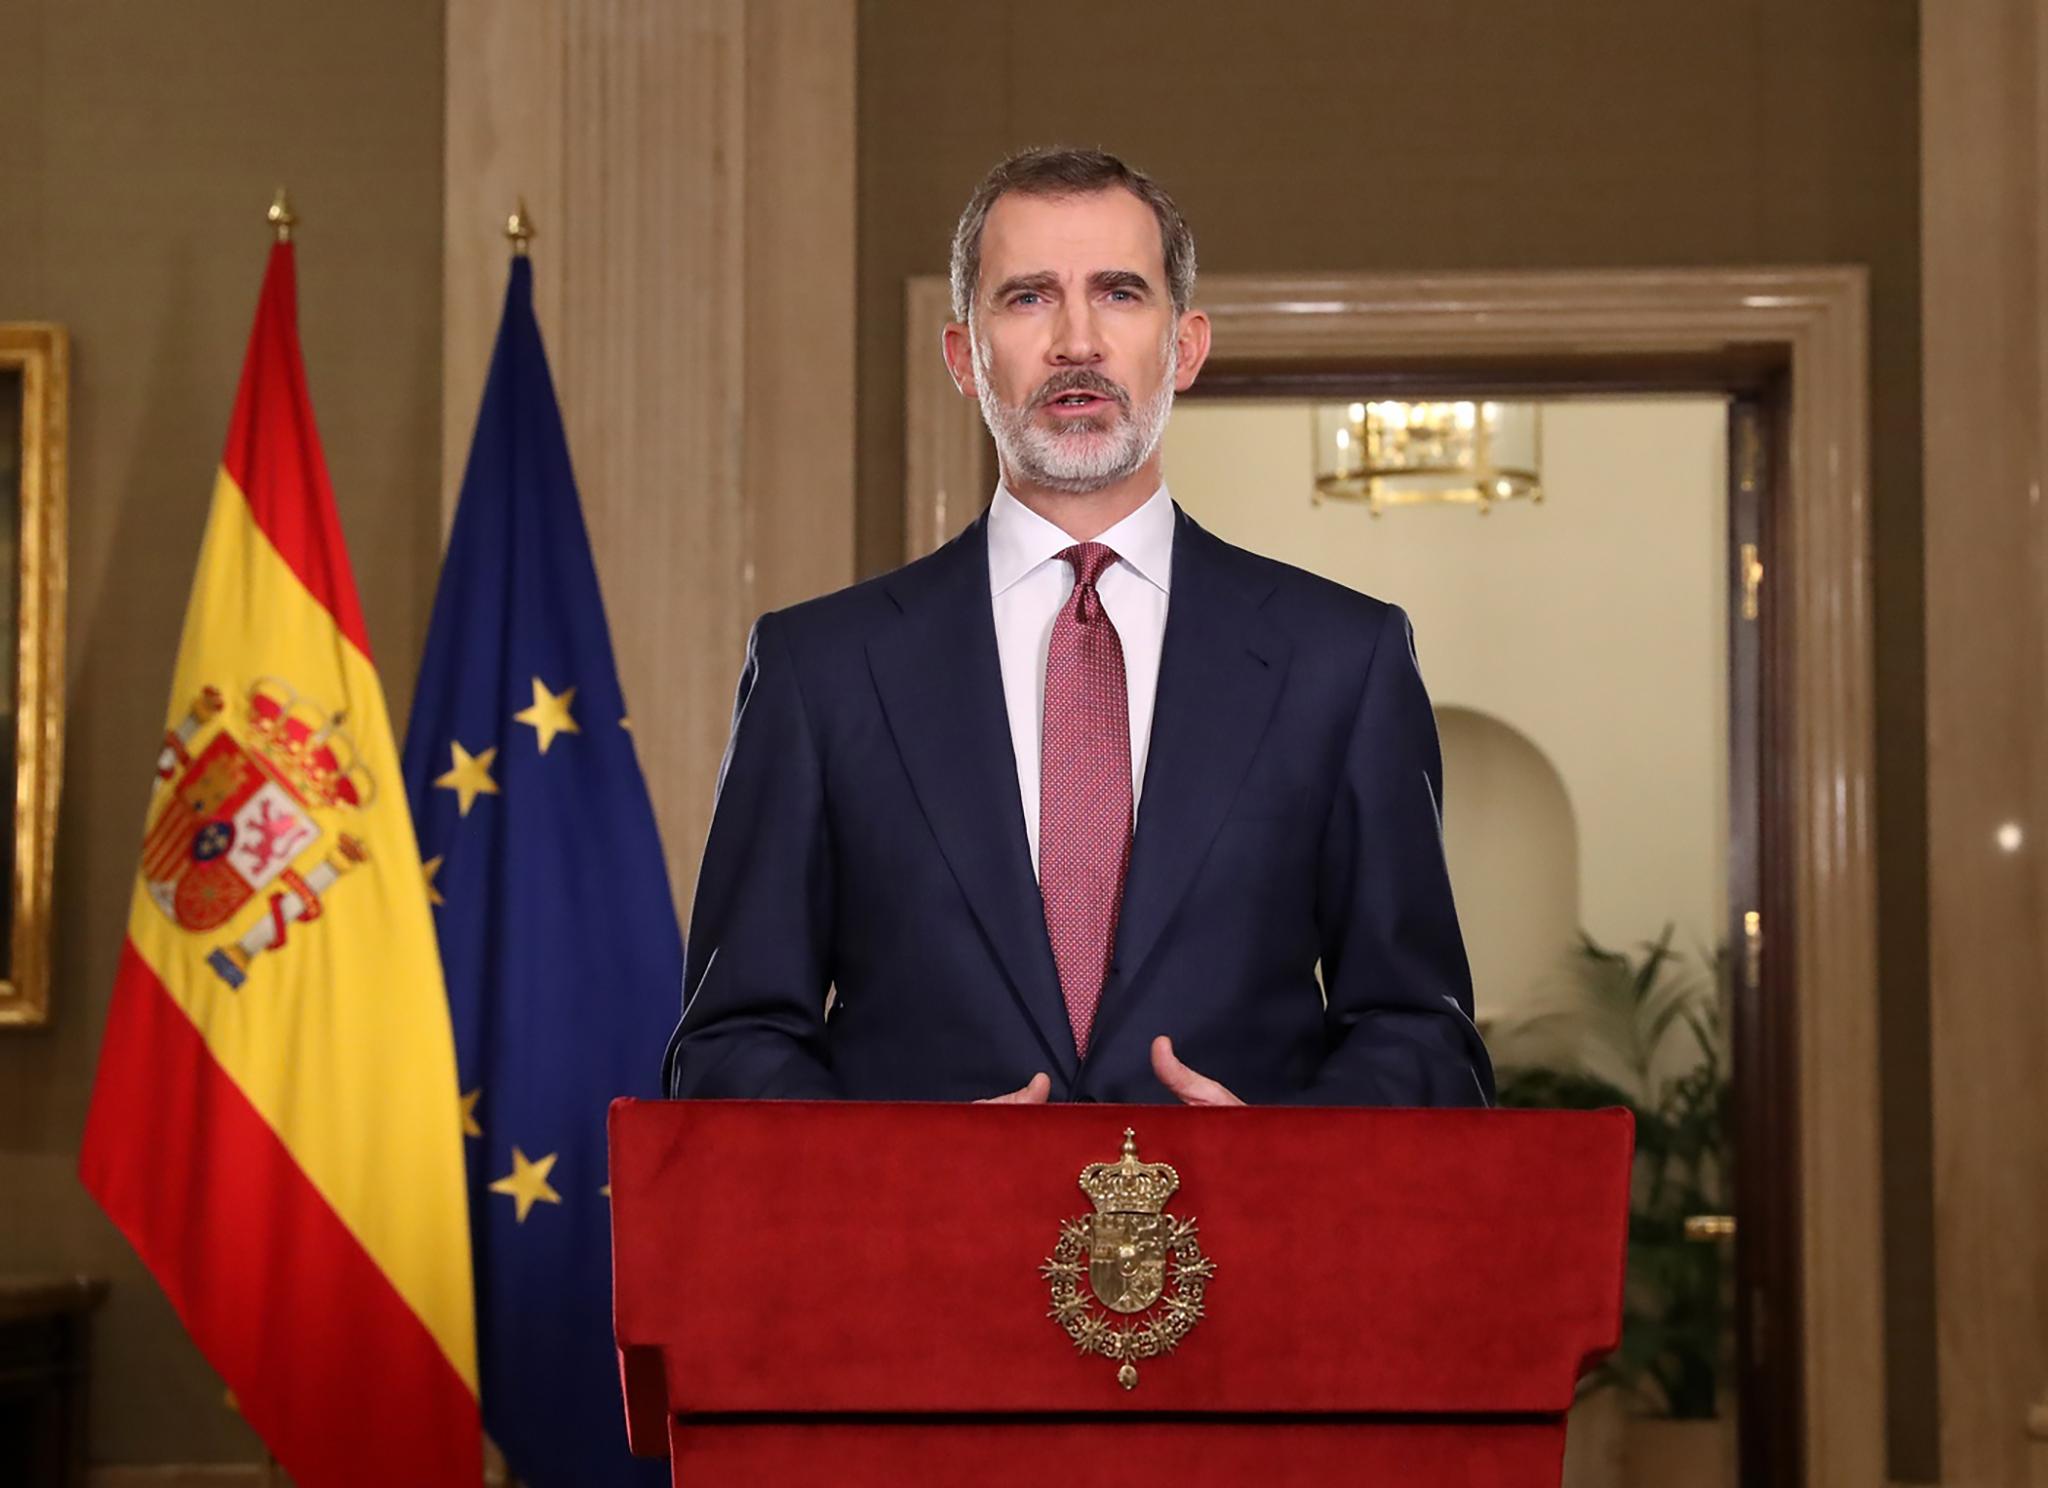 VI. Fülöp spanyol király: A válságot le fogjuk győzni